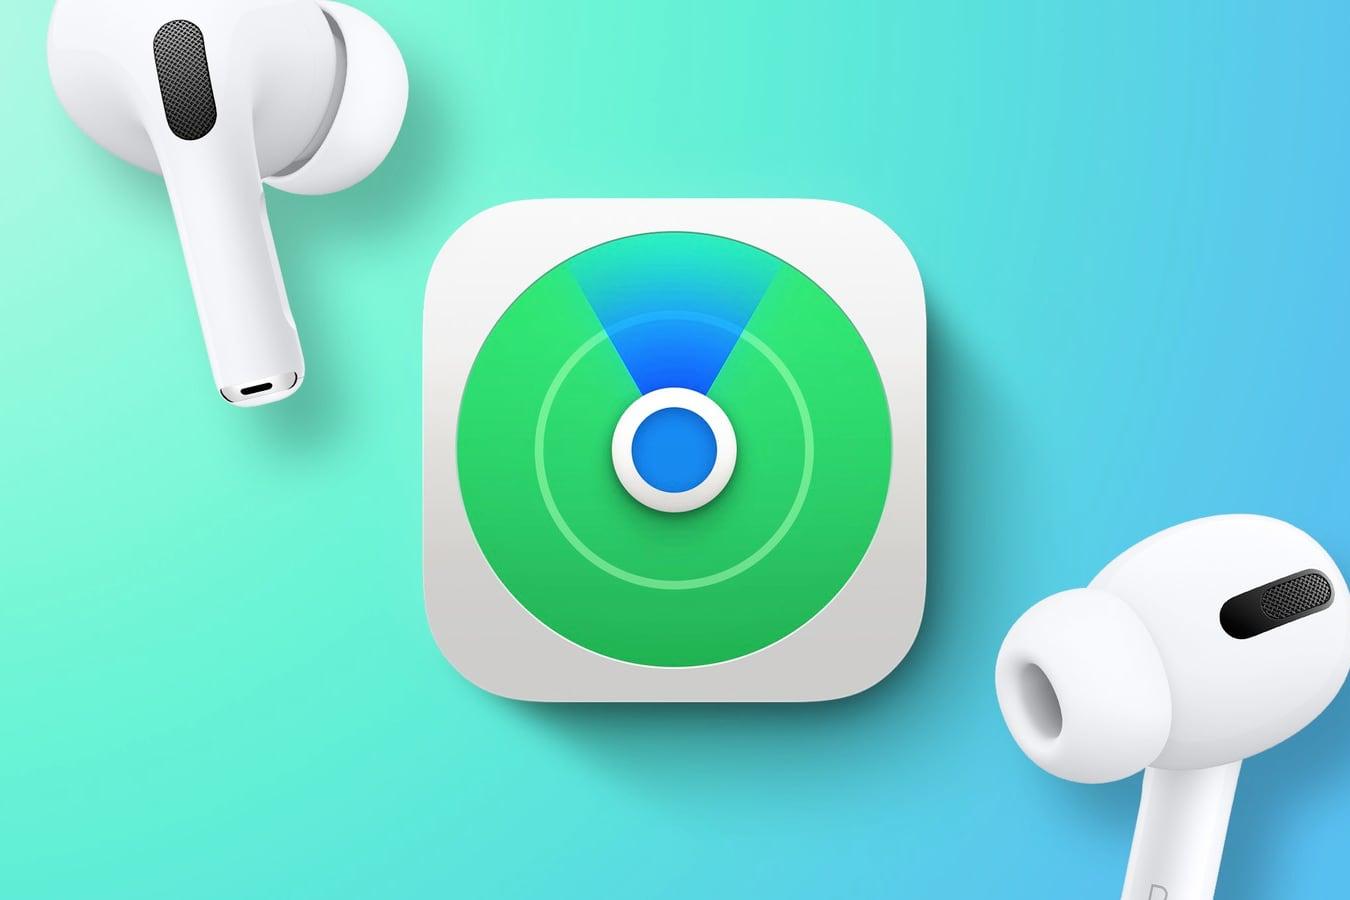 Kolejna fajna funkcja nie pojawi się w pierwszej wersji iOS 15 ciekawostki Update, iPadOS 15, iOS 15, Aktualizacja  Na zaktualizowanej stronie Apple dotyczącej nowych systemów pojawiła się informacja, że firma Apple przełożyło wypuszczenie kolejnej fajnej funkcji w iOS 15. znajdz airpods